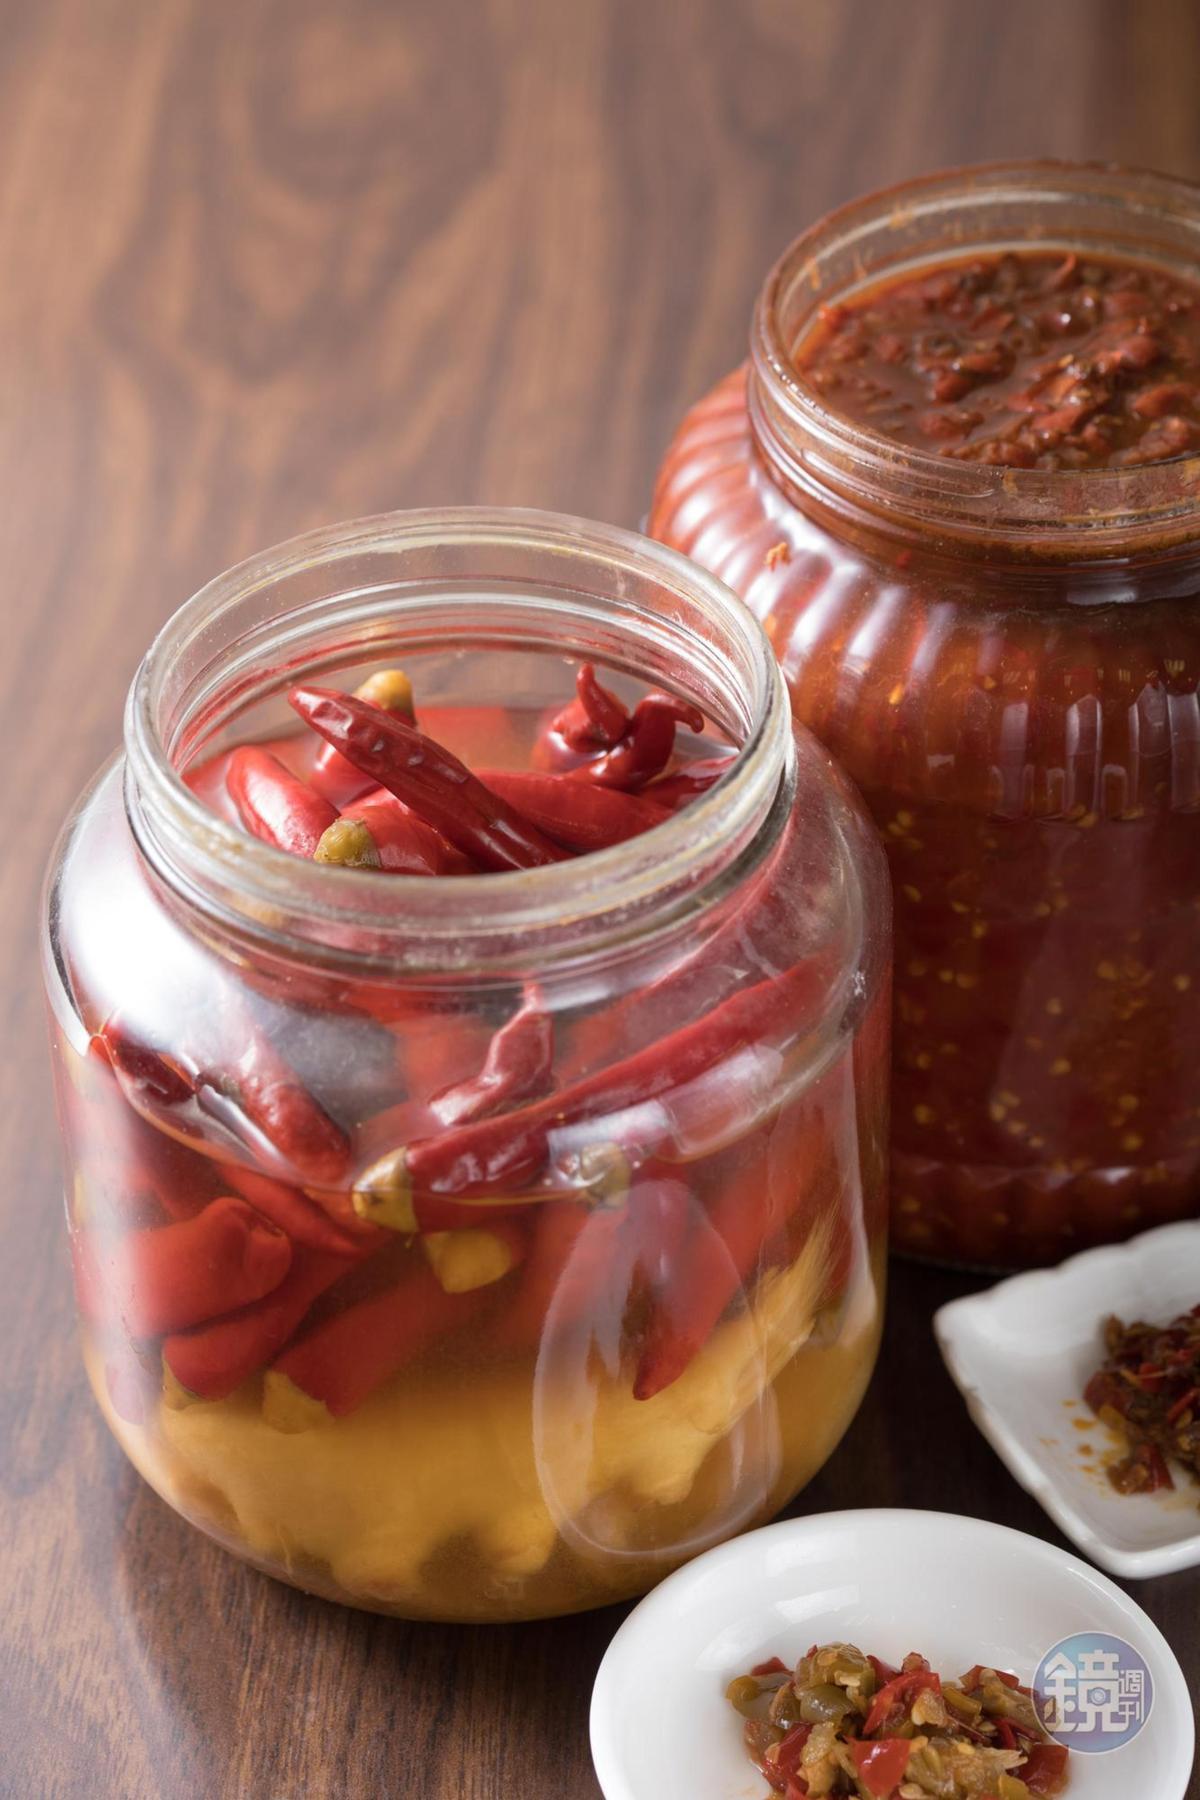 曹佑淇自己發酵各種泡椒與辣醬,作為調味的層次。